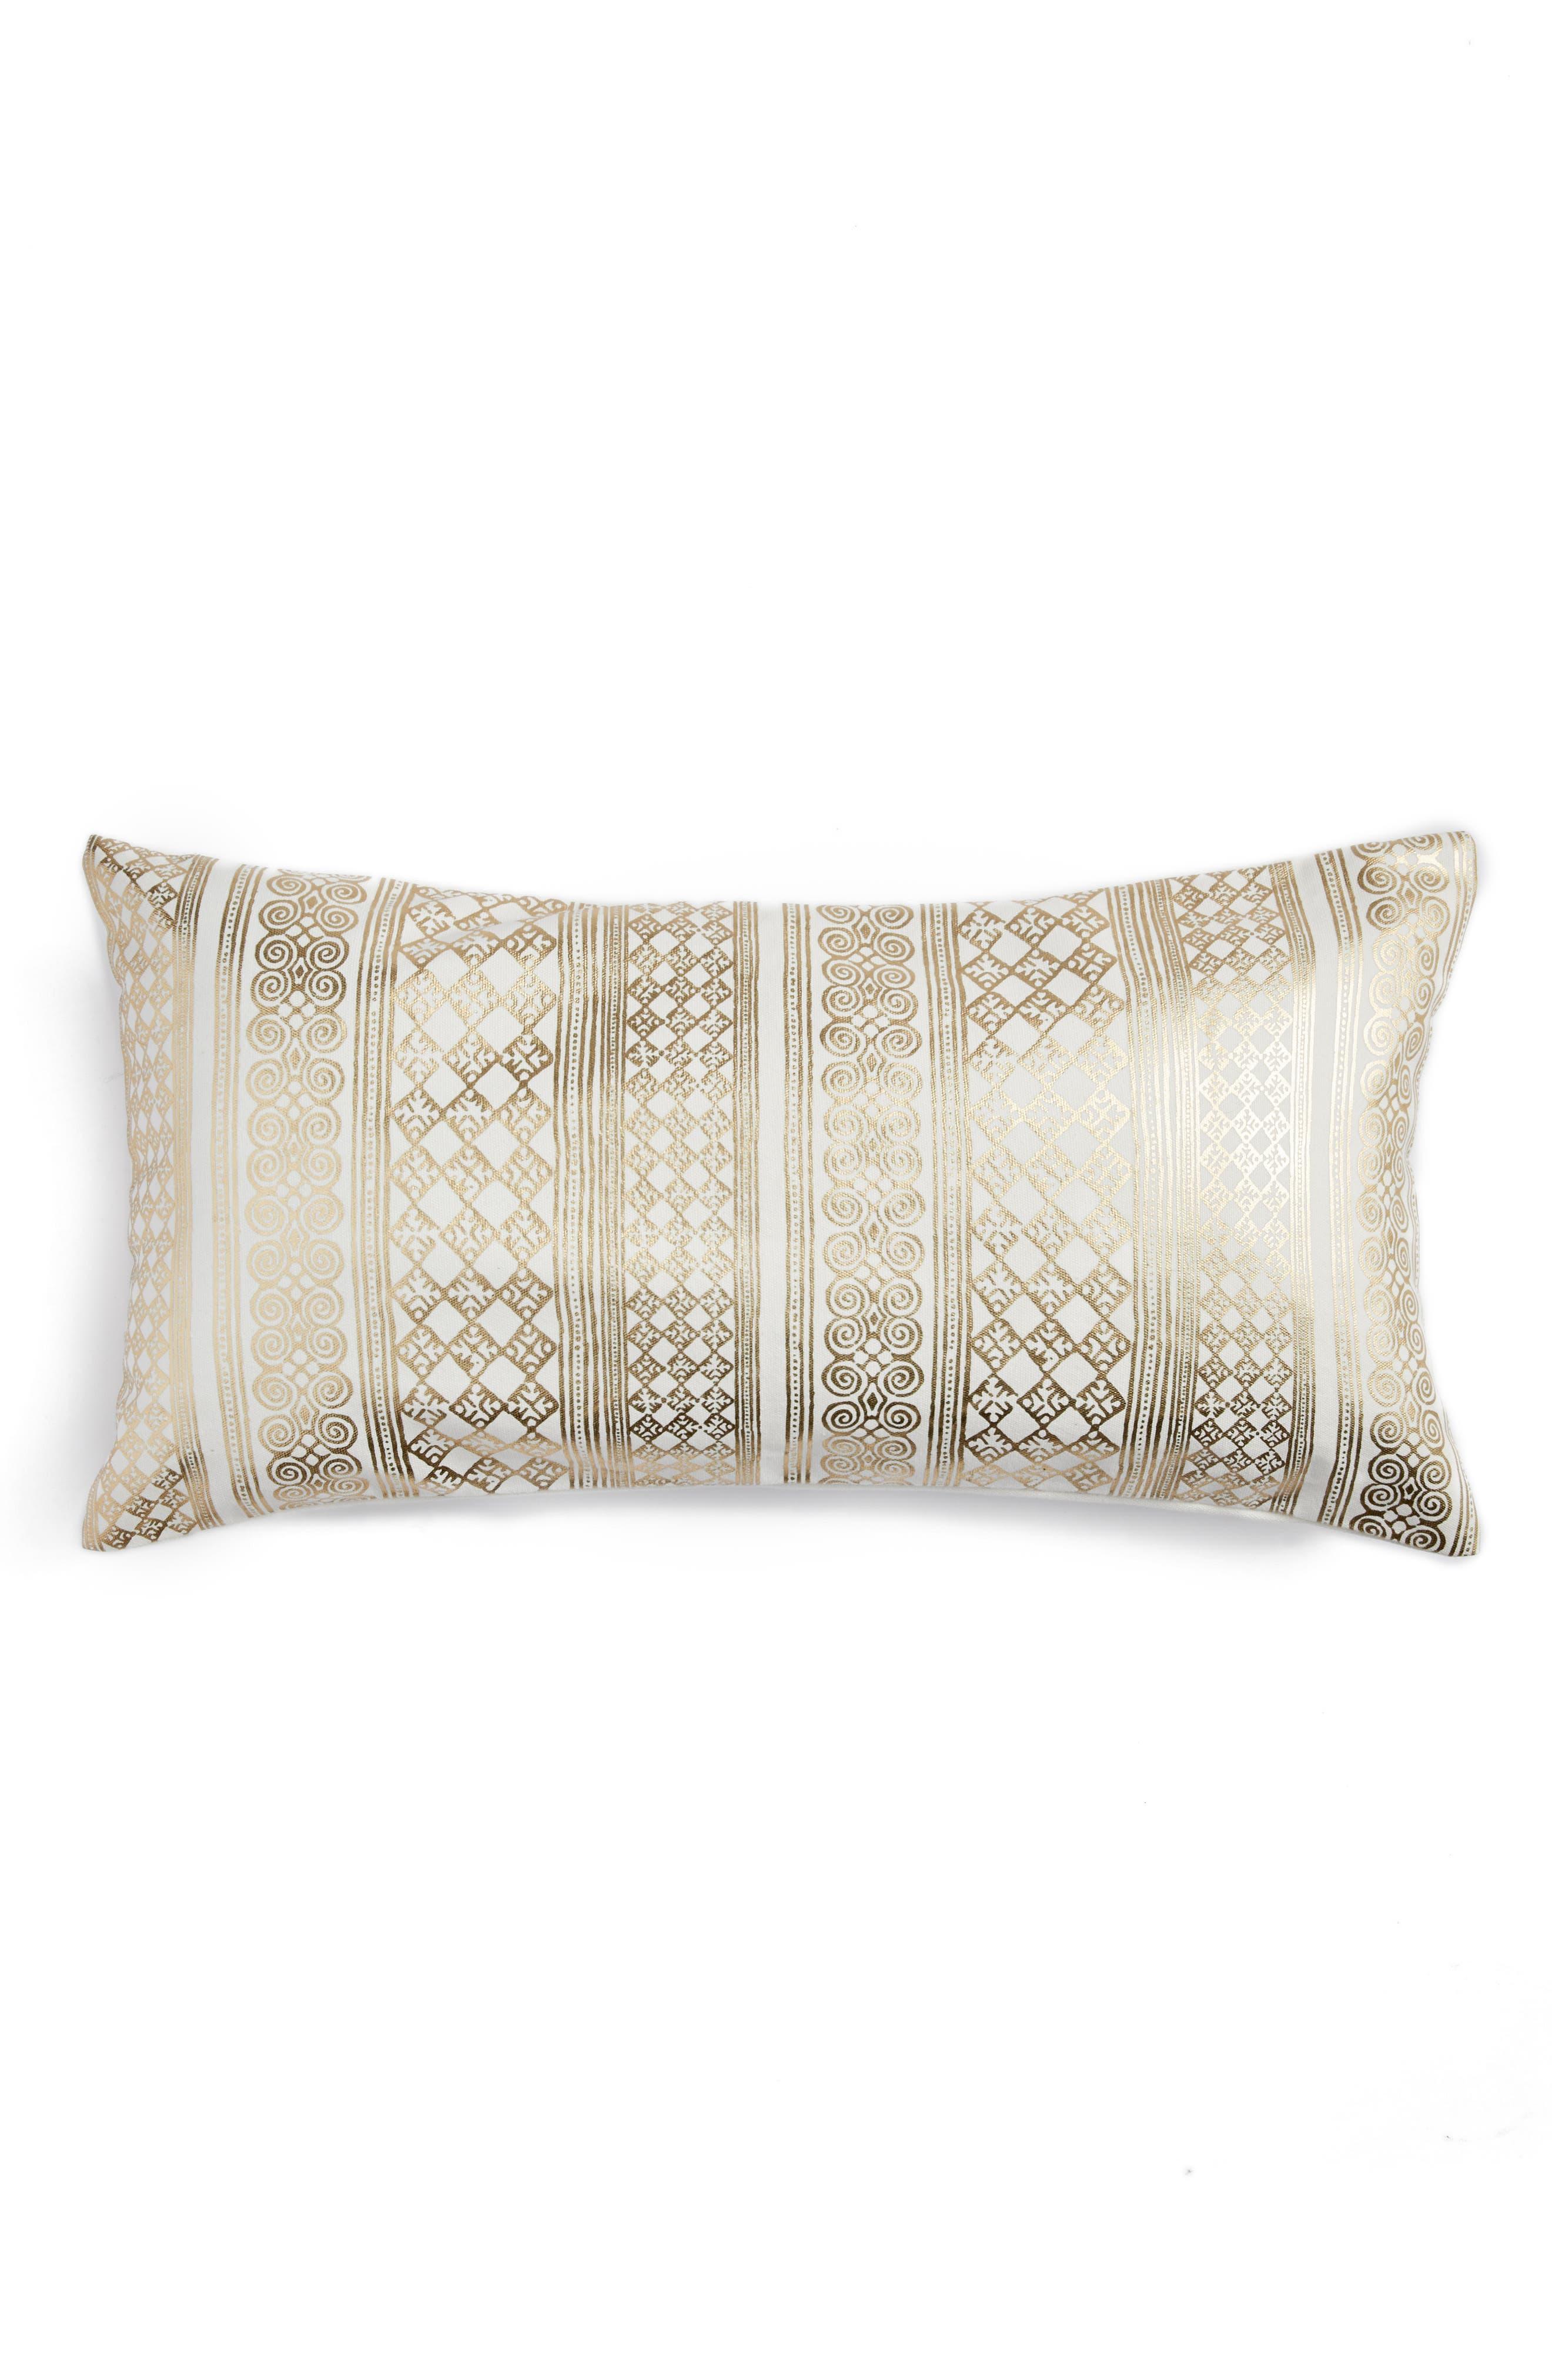 Foil Screenprint Accent Pillow,                             Main thumbnail 1, color,                             710